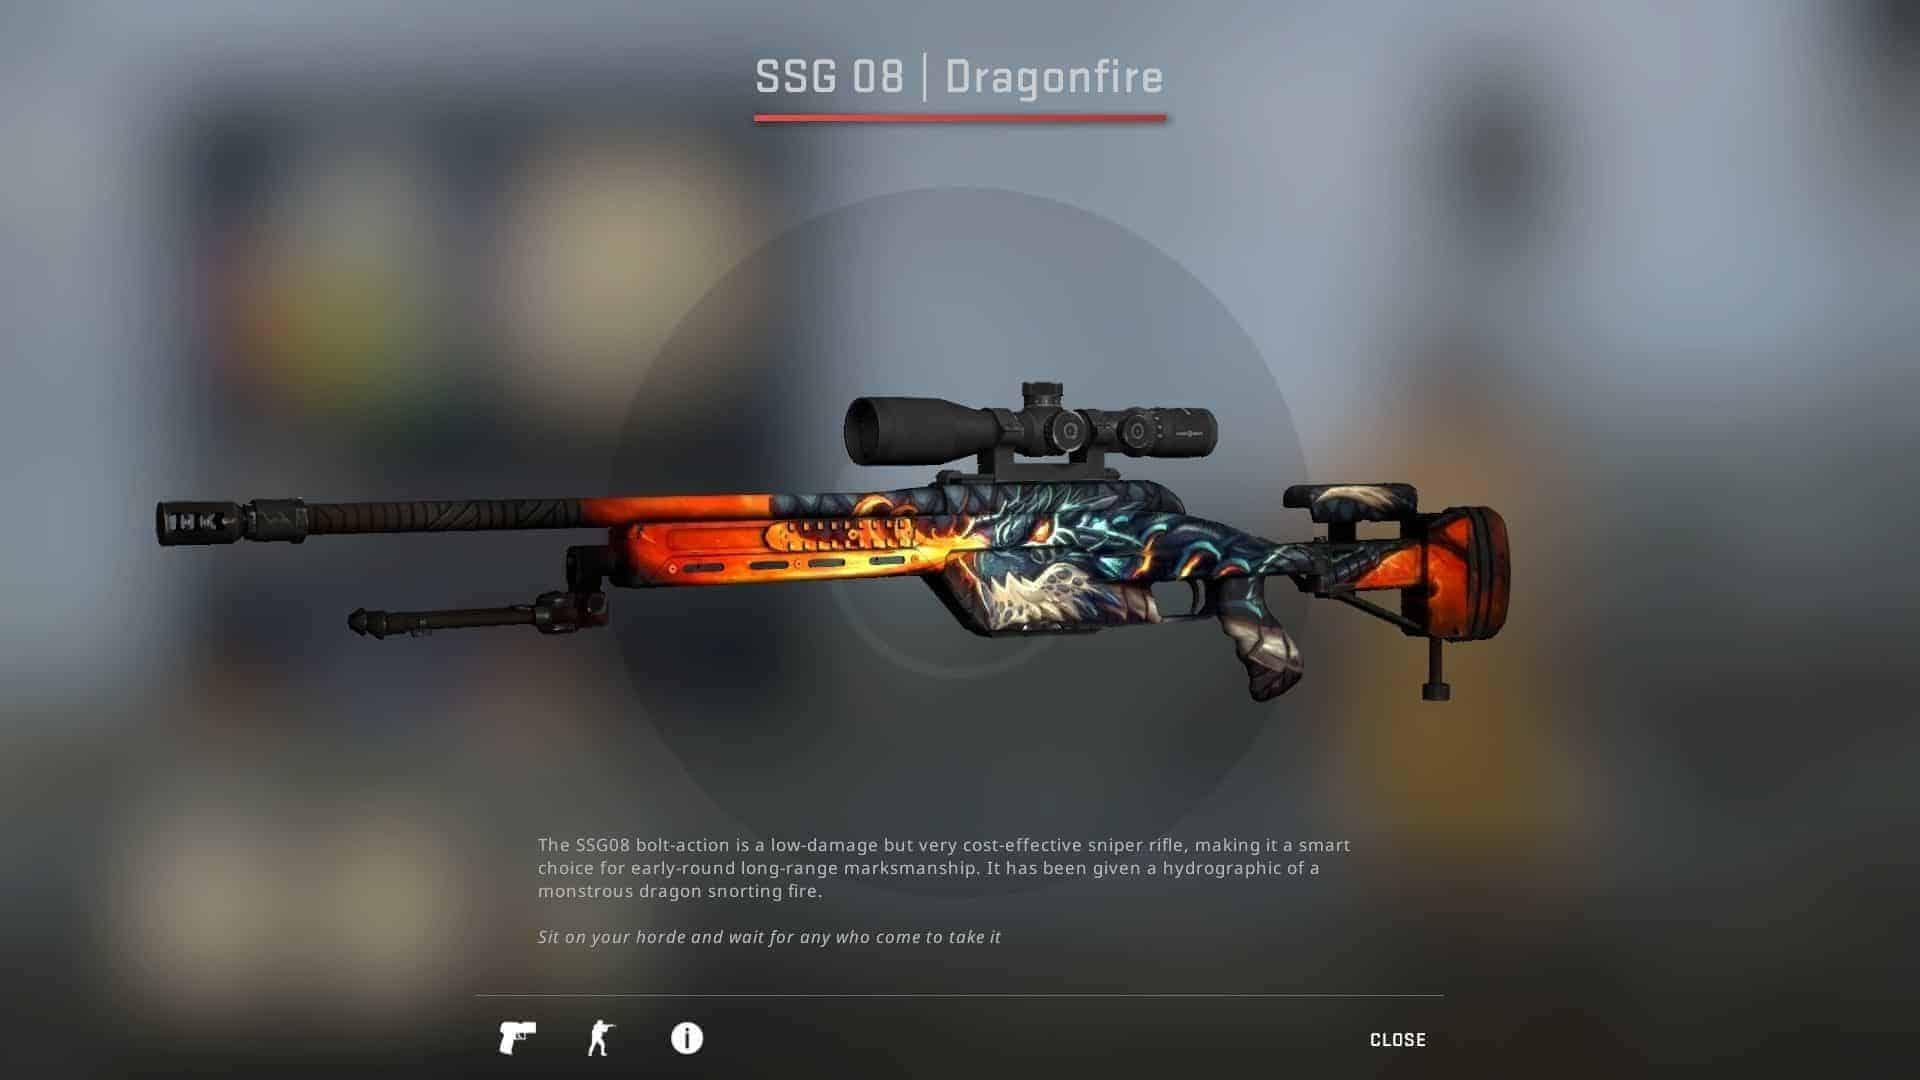 ssgdragonfire